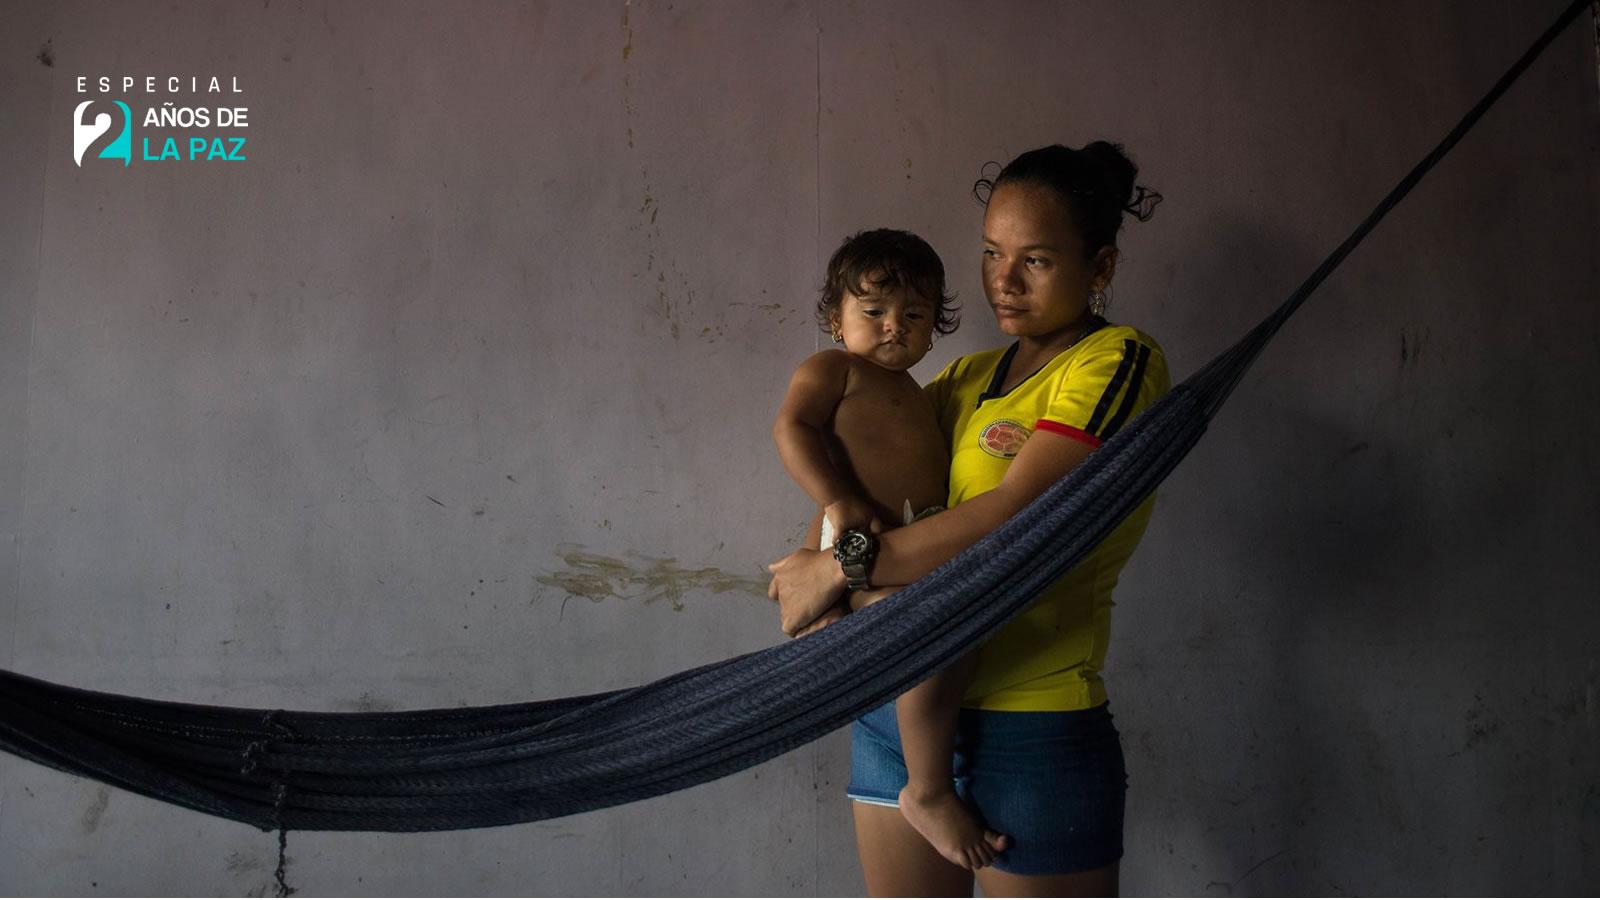 Dos años sin armas: así sobreviven los exguerrilleros de las Farc